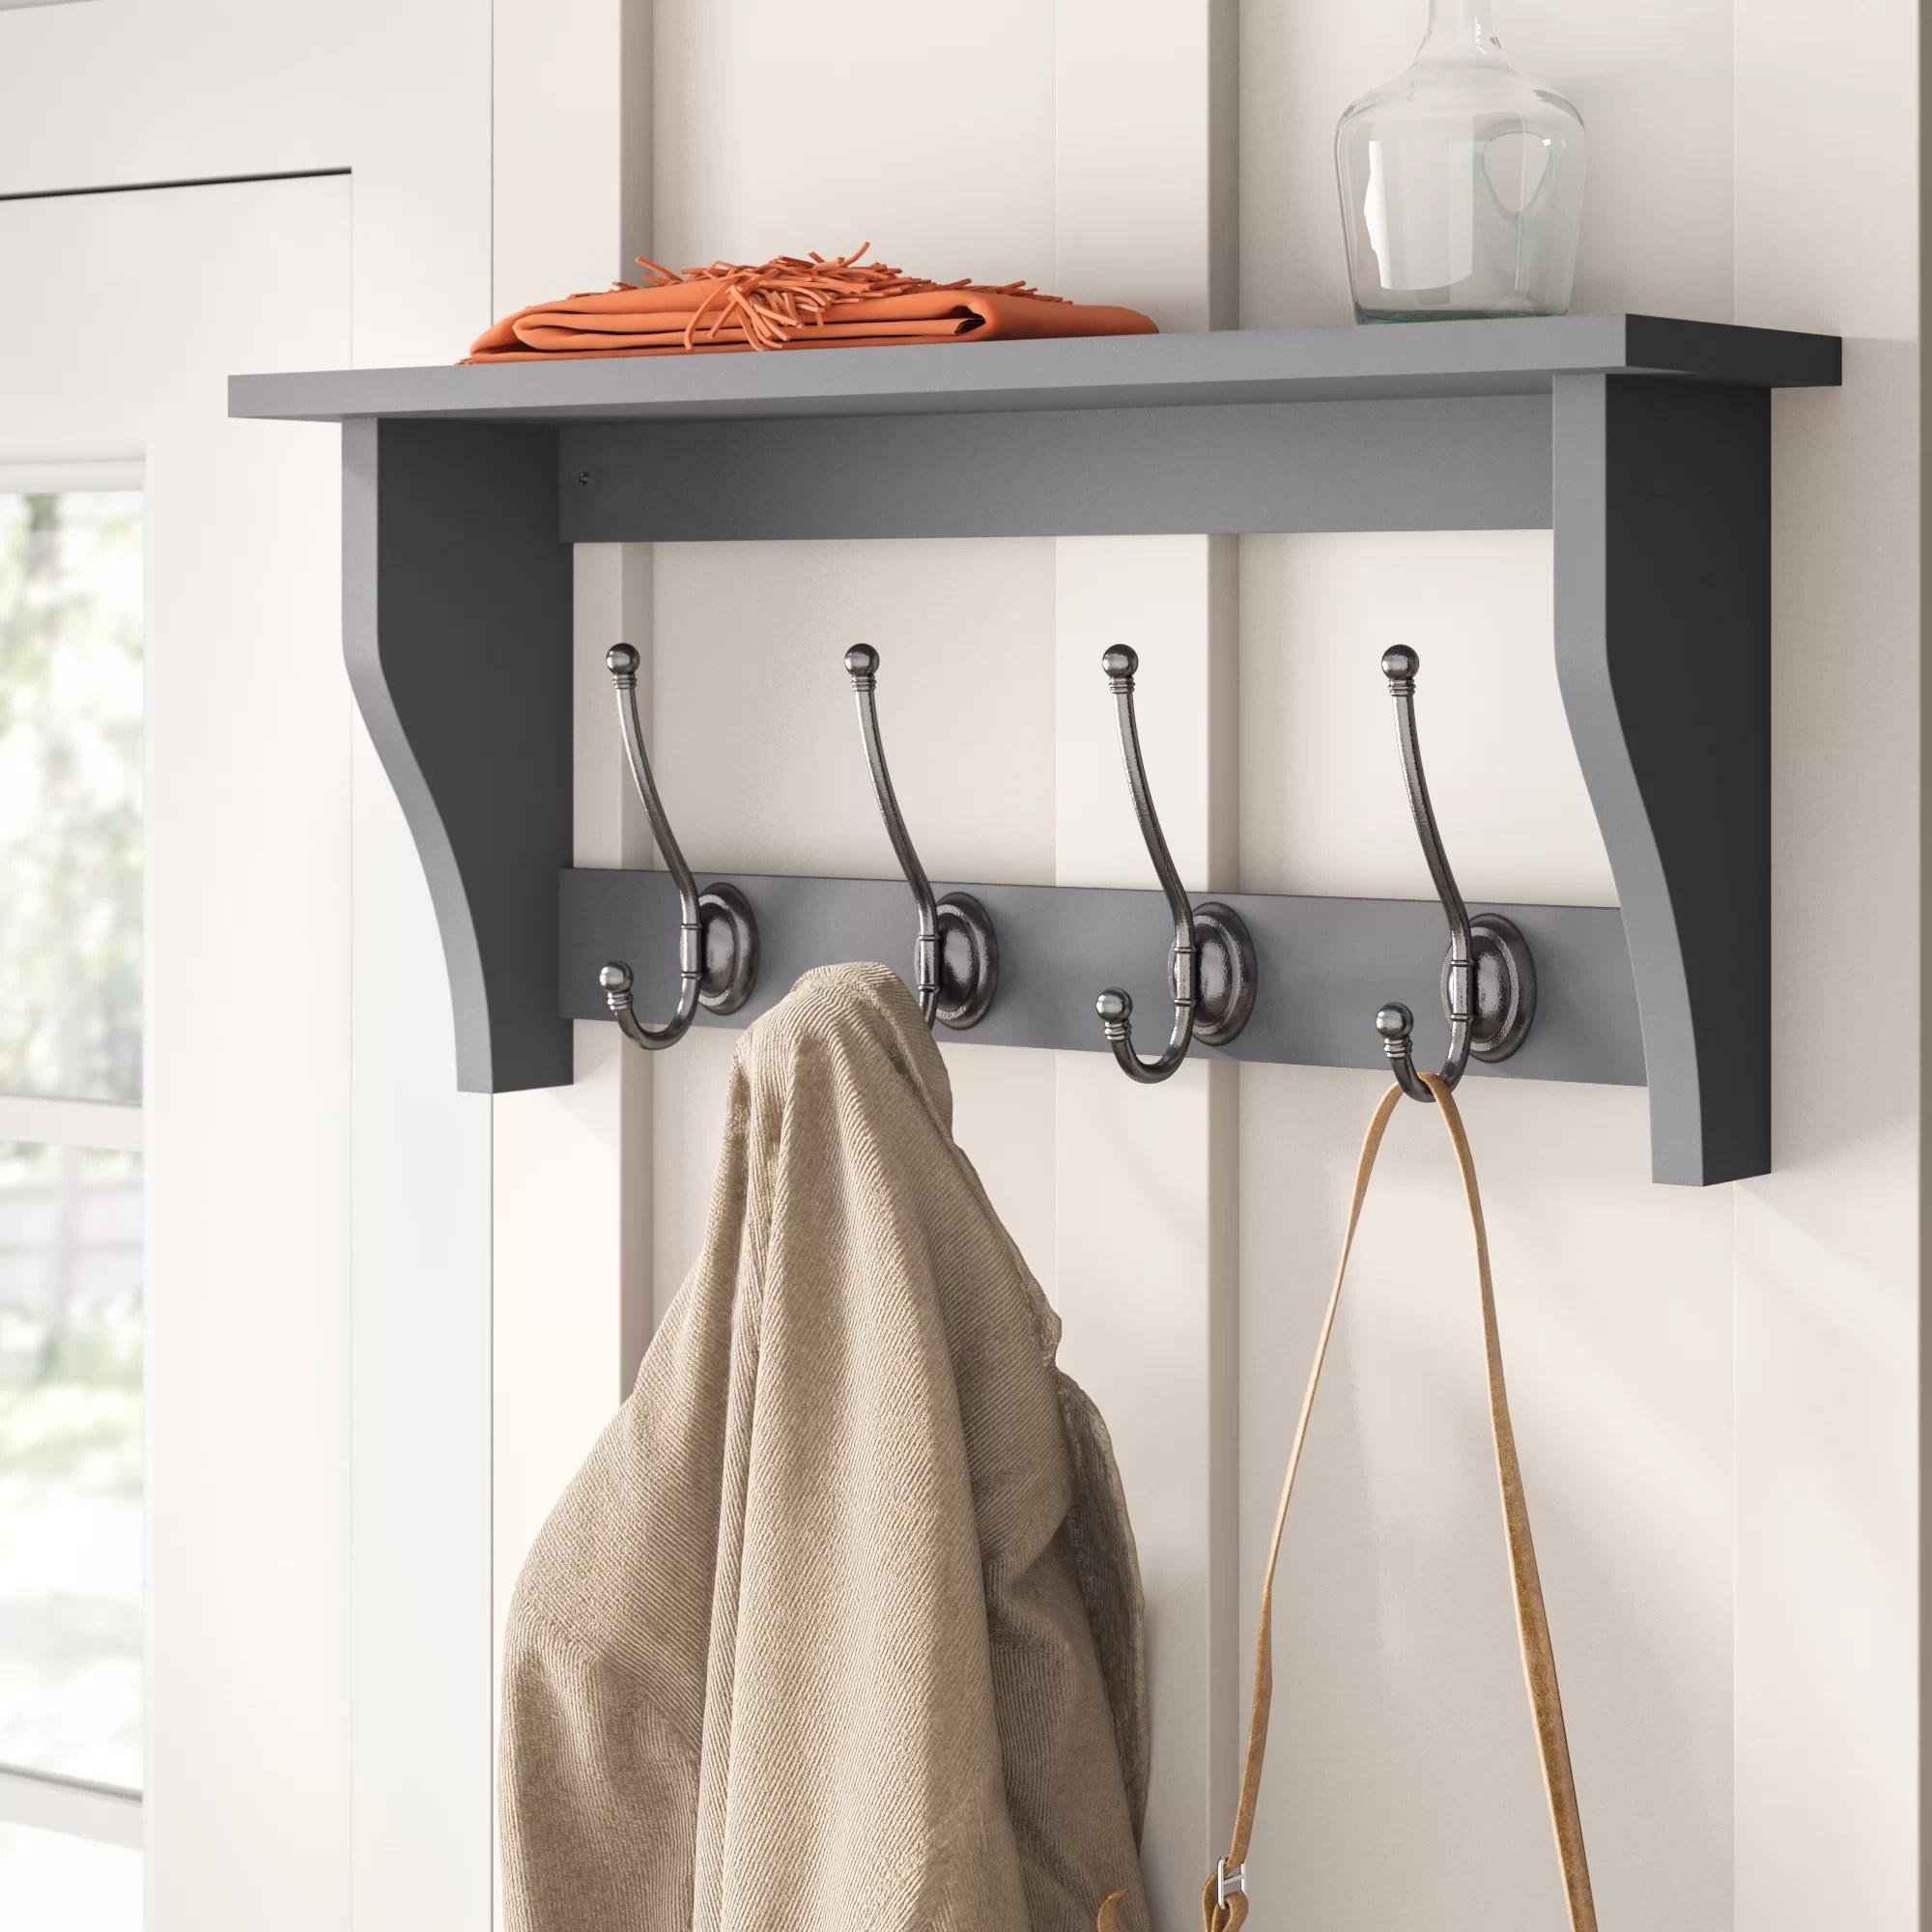 lustig shelf with 4 coat hooks